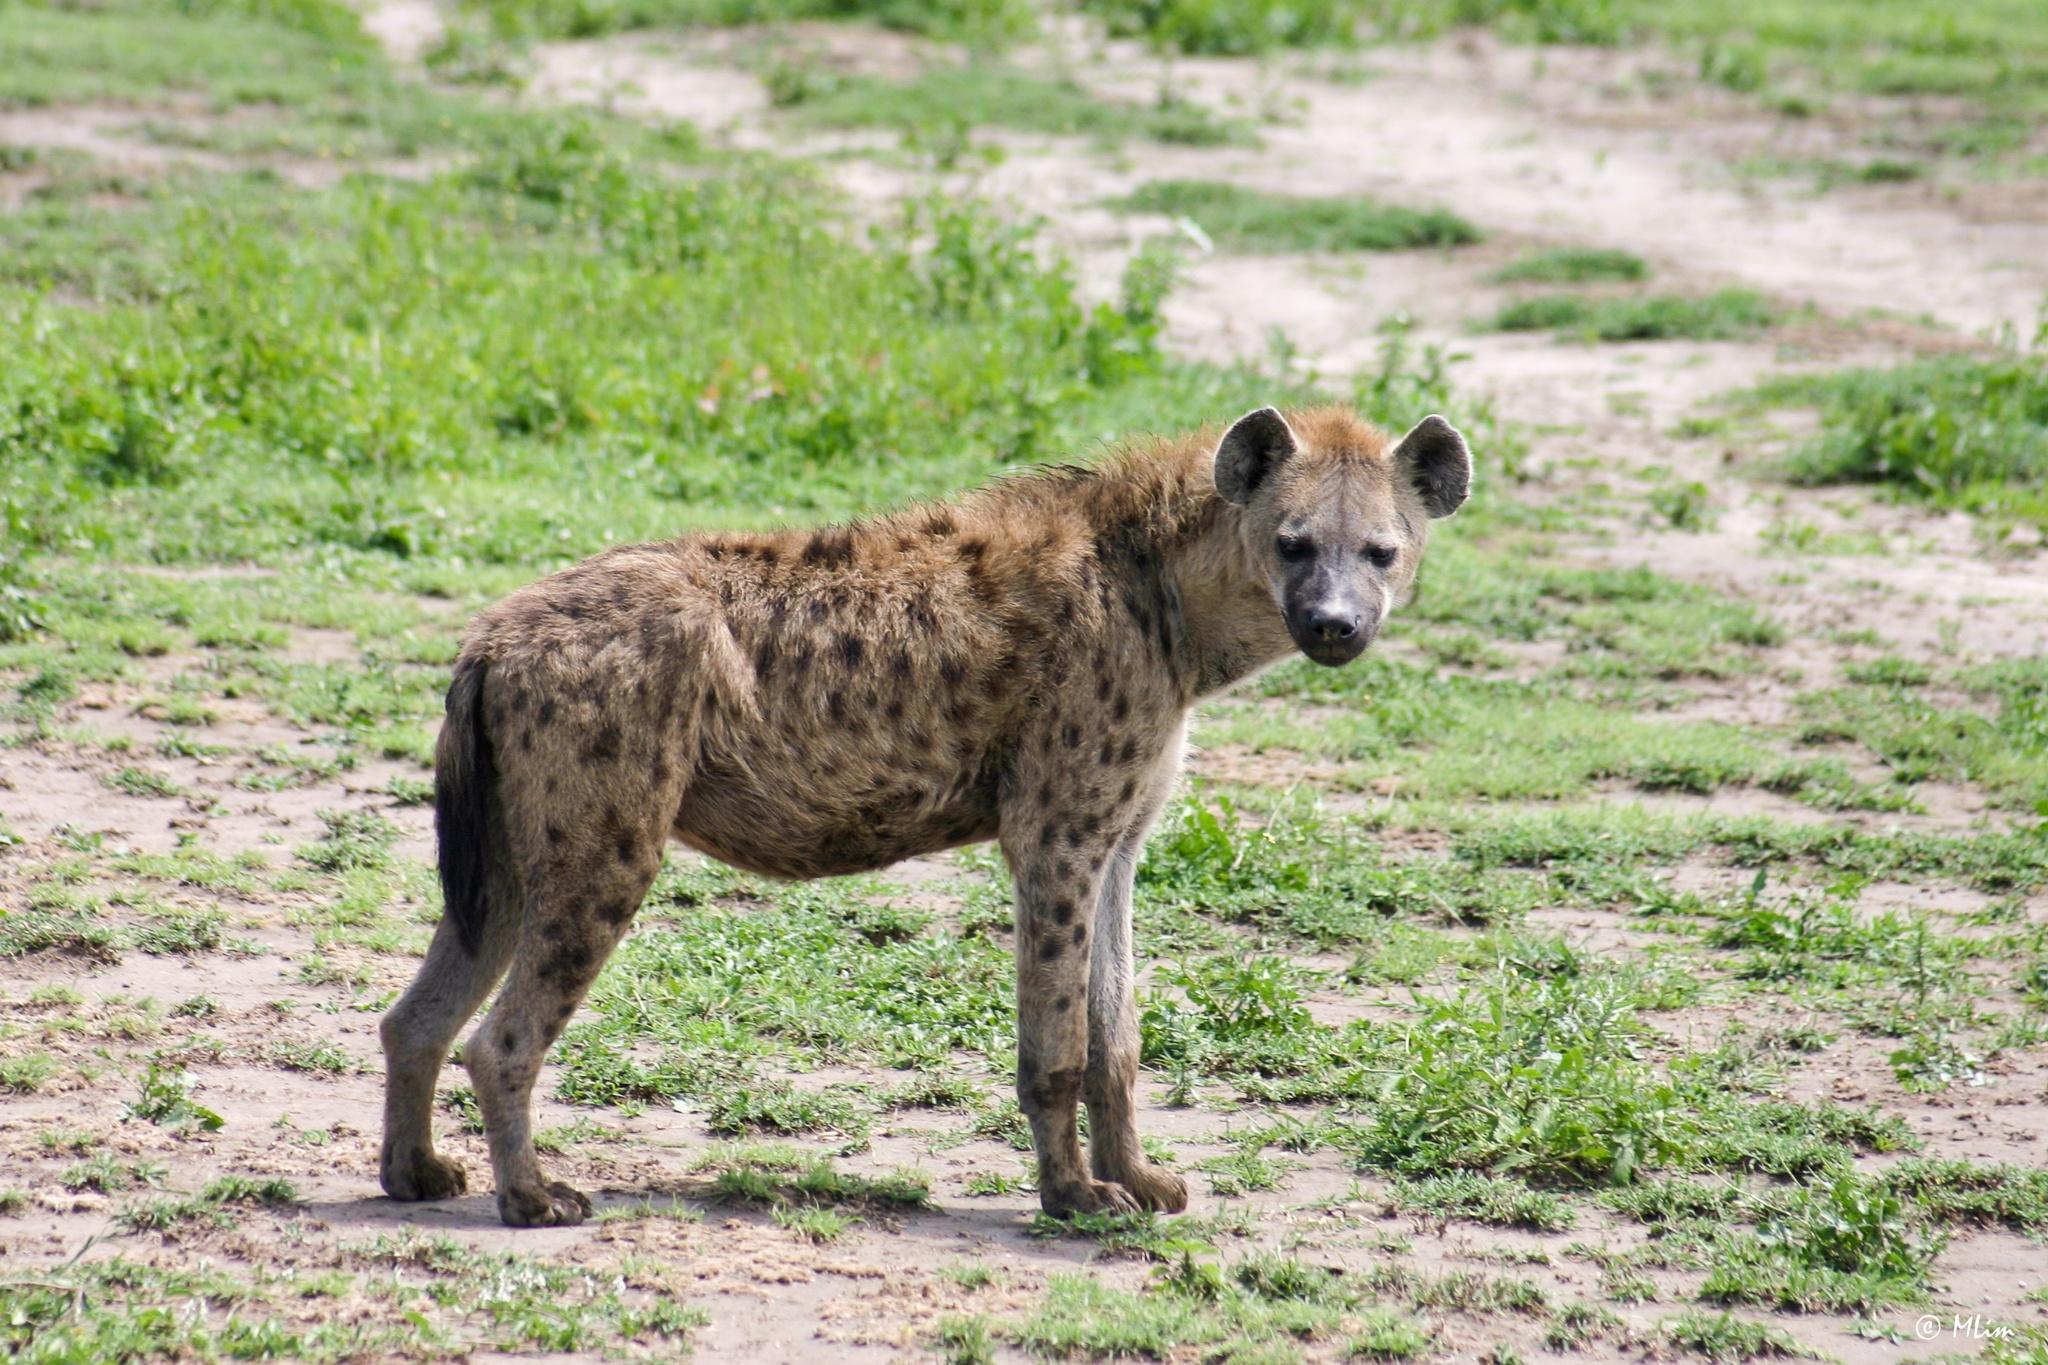 Hyena by Meng Lim